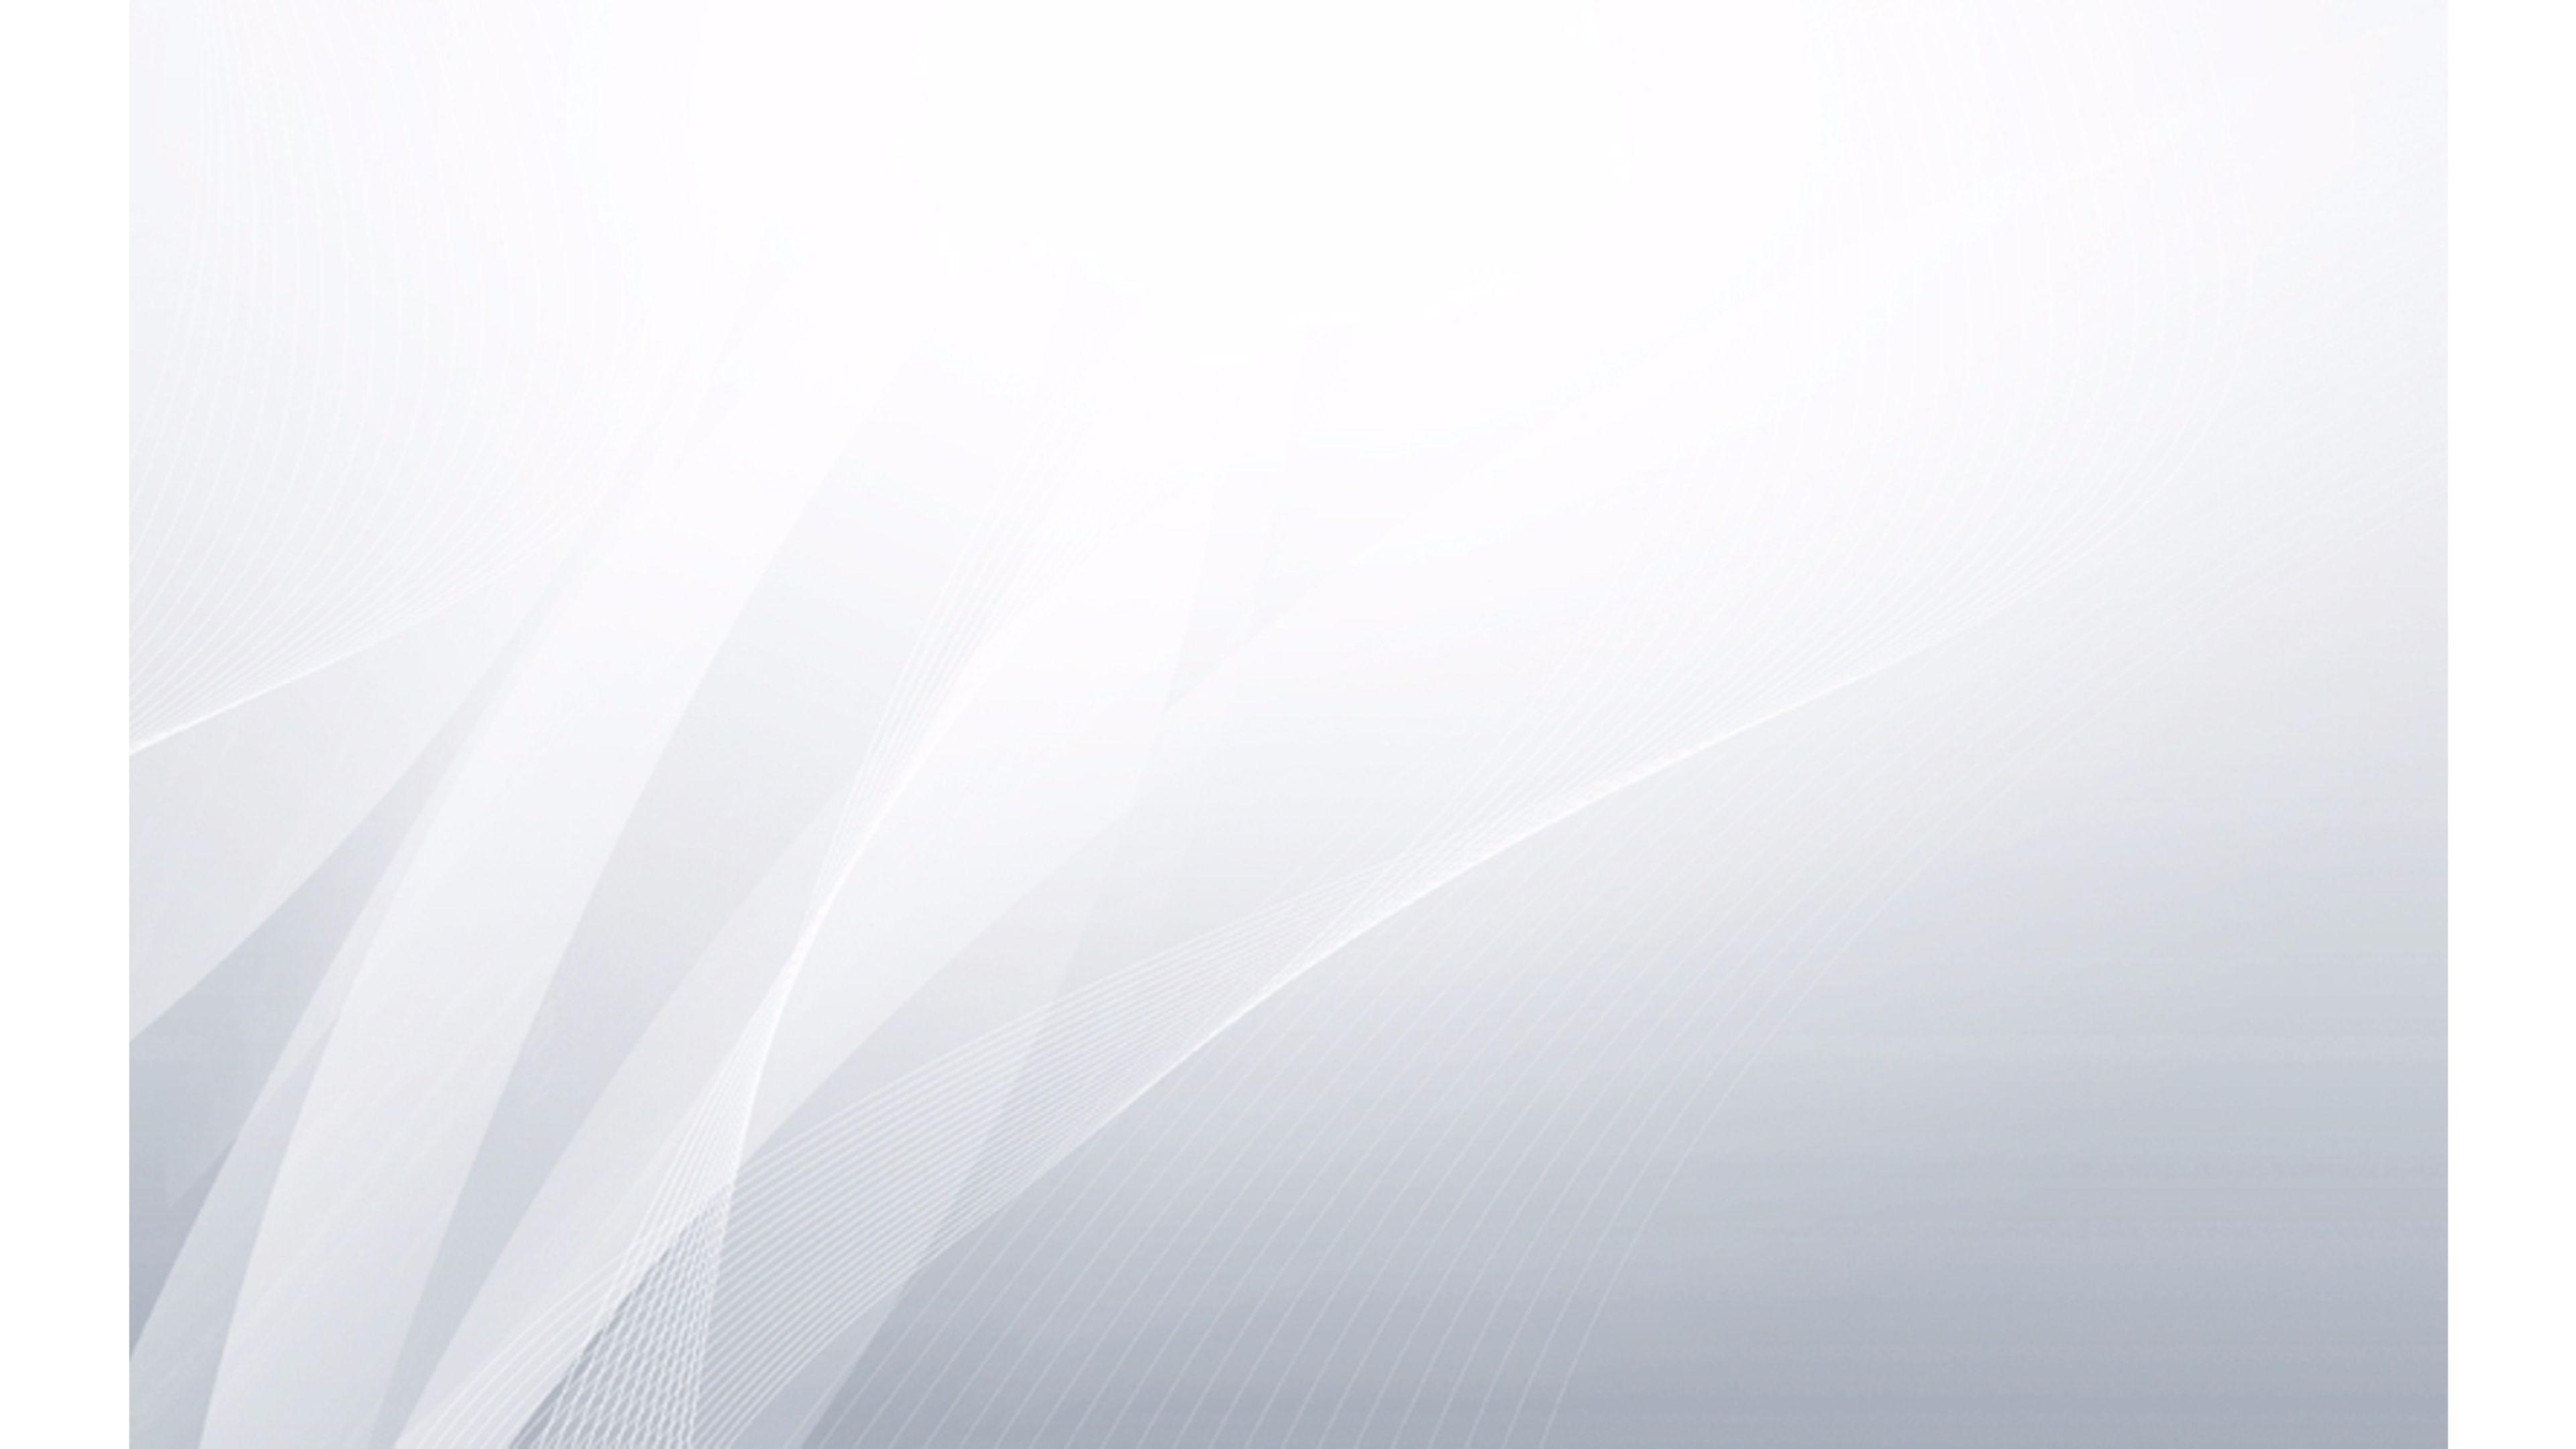 4k Wallpaper White - HD Wallpaper For Desktop Background ...